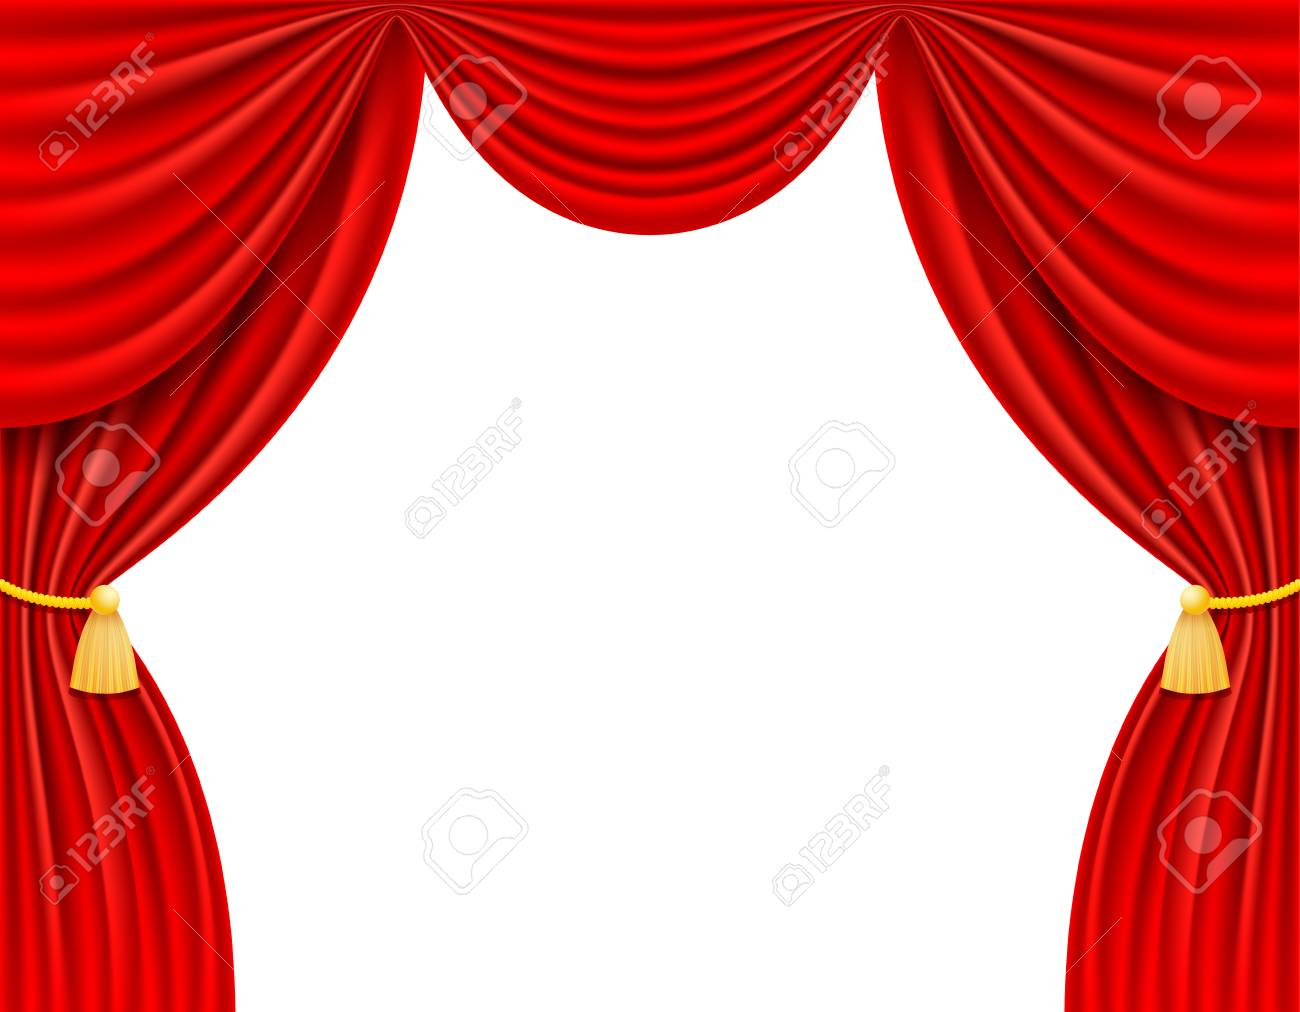 rideau rouge rideau illustration isole sur fond blanc banque d images et photos libres de droits image 96182634